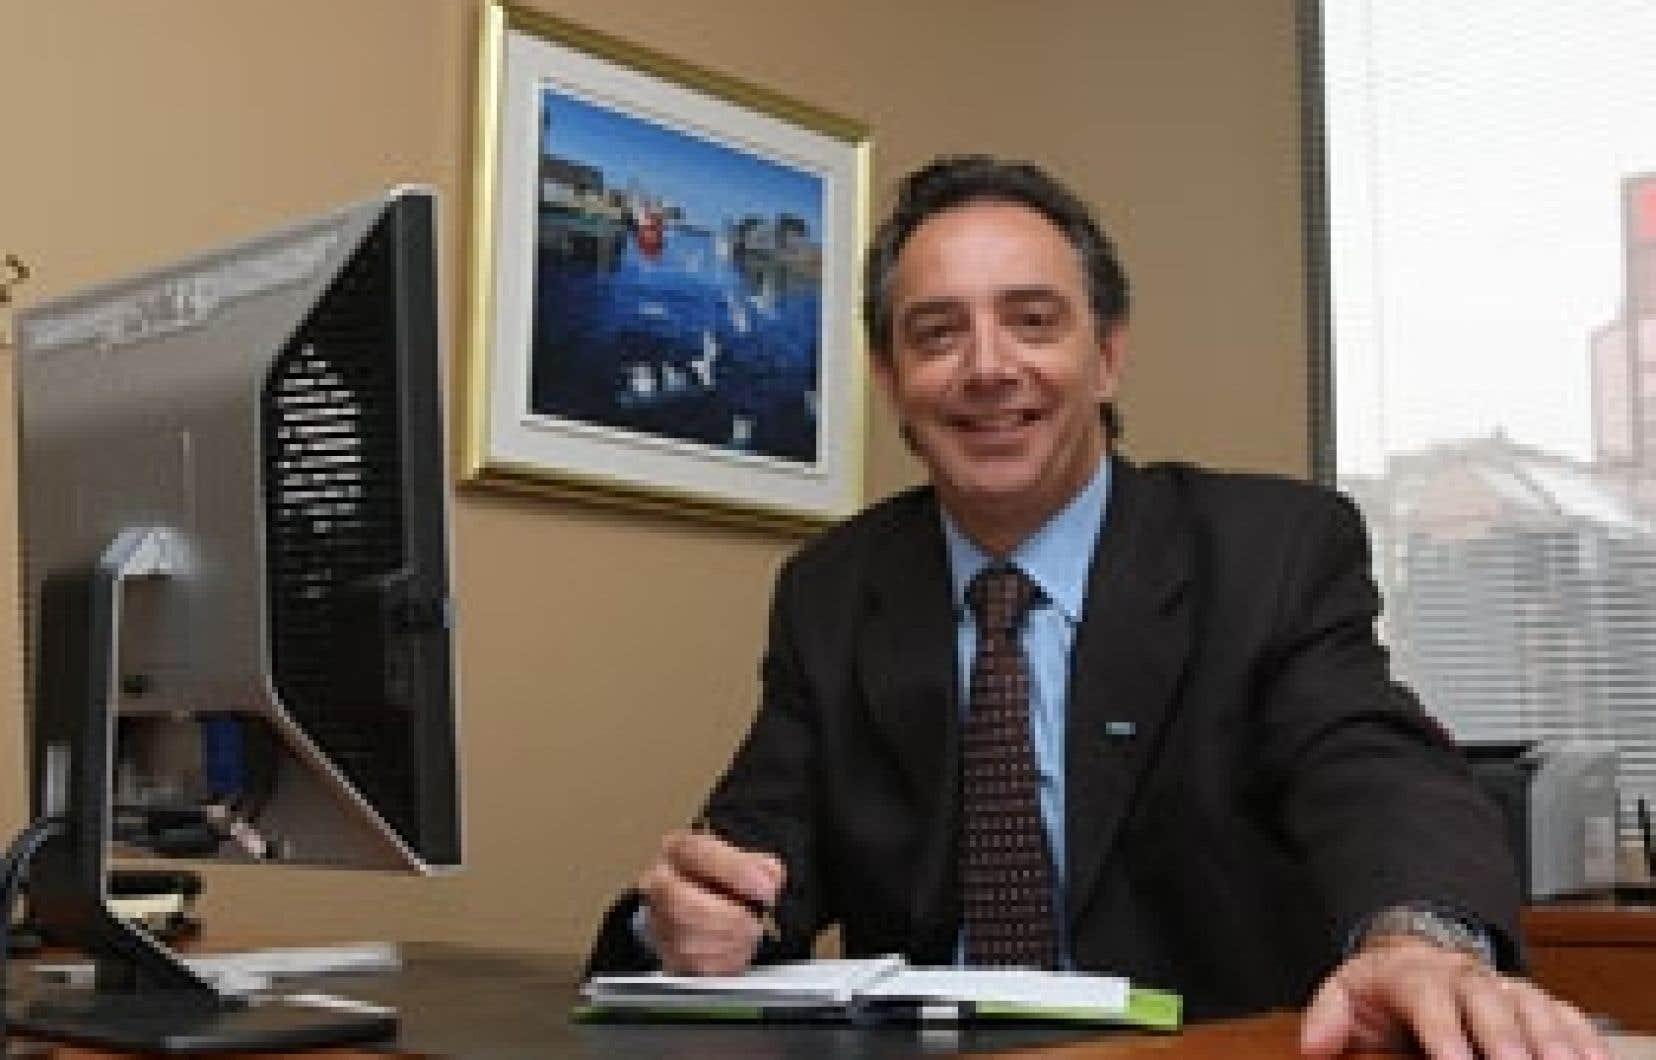 Pour Florent Francoeur, président-directeur général de l'Ordre des conseillers en ressources humaines agréés, la crise économique représente un défi additionnel à relever pour les conseillers.